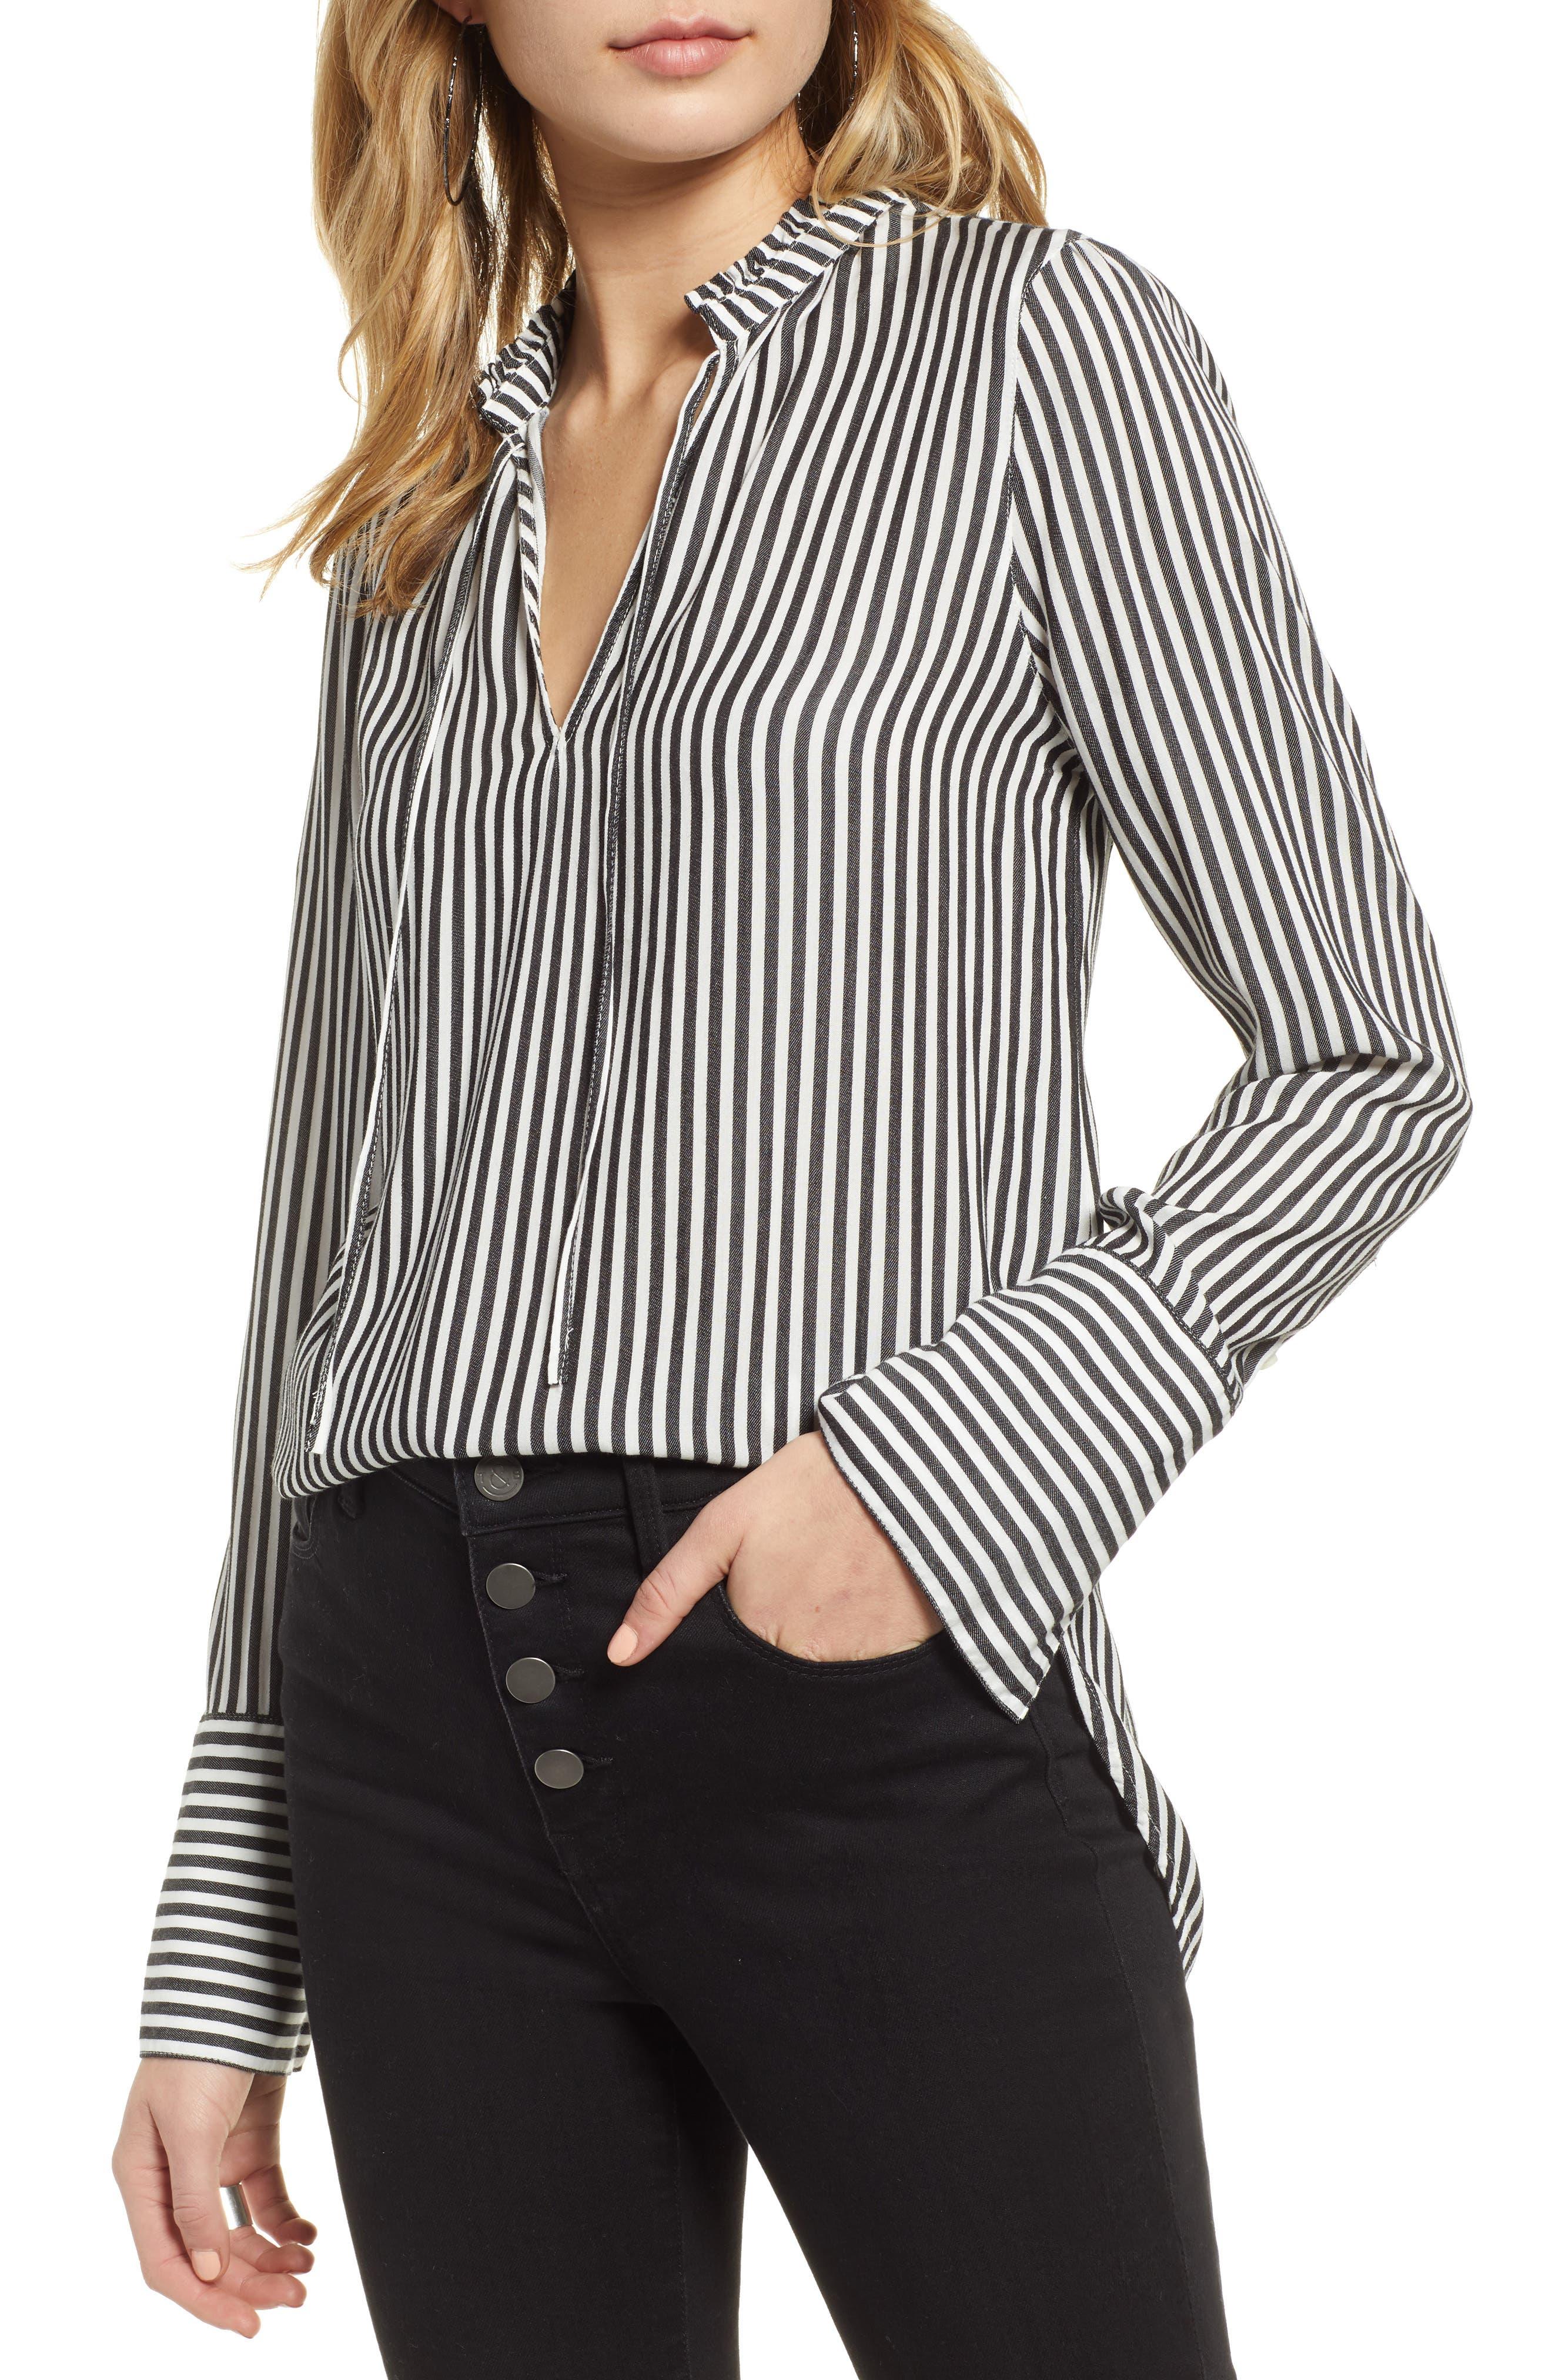 TREASURE & BOND, Stripe Ruffle Neck Shirt, Main thumbnail 1, color, BLACK- WHITE SARA STRIPE